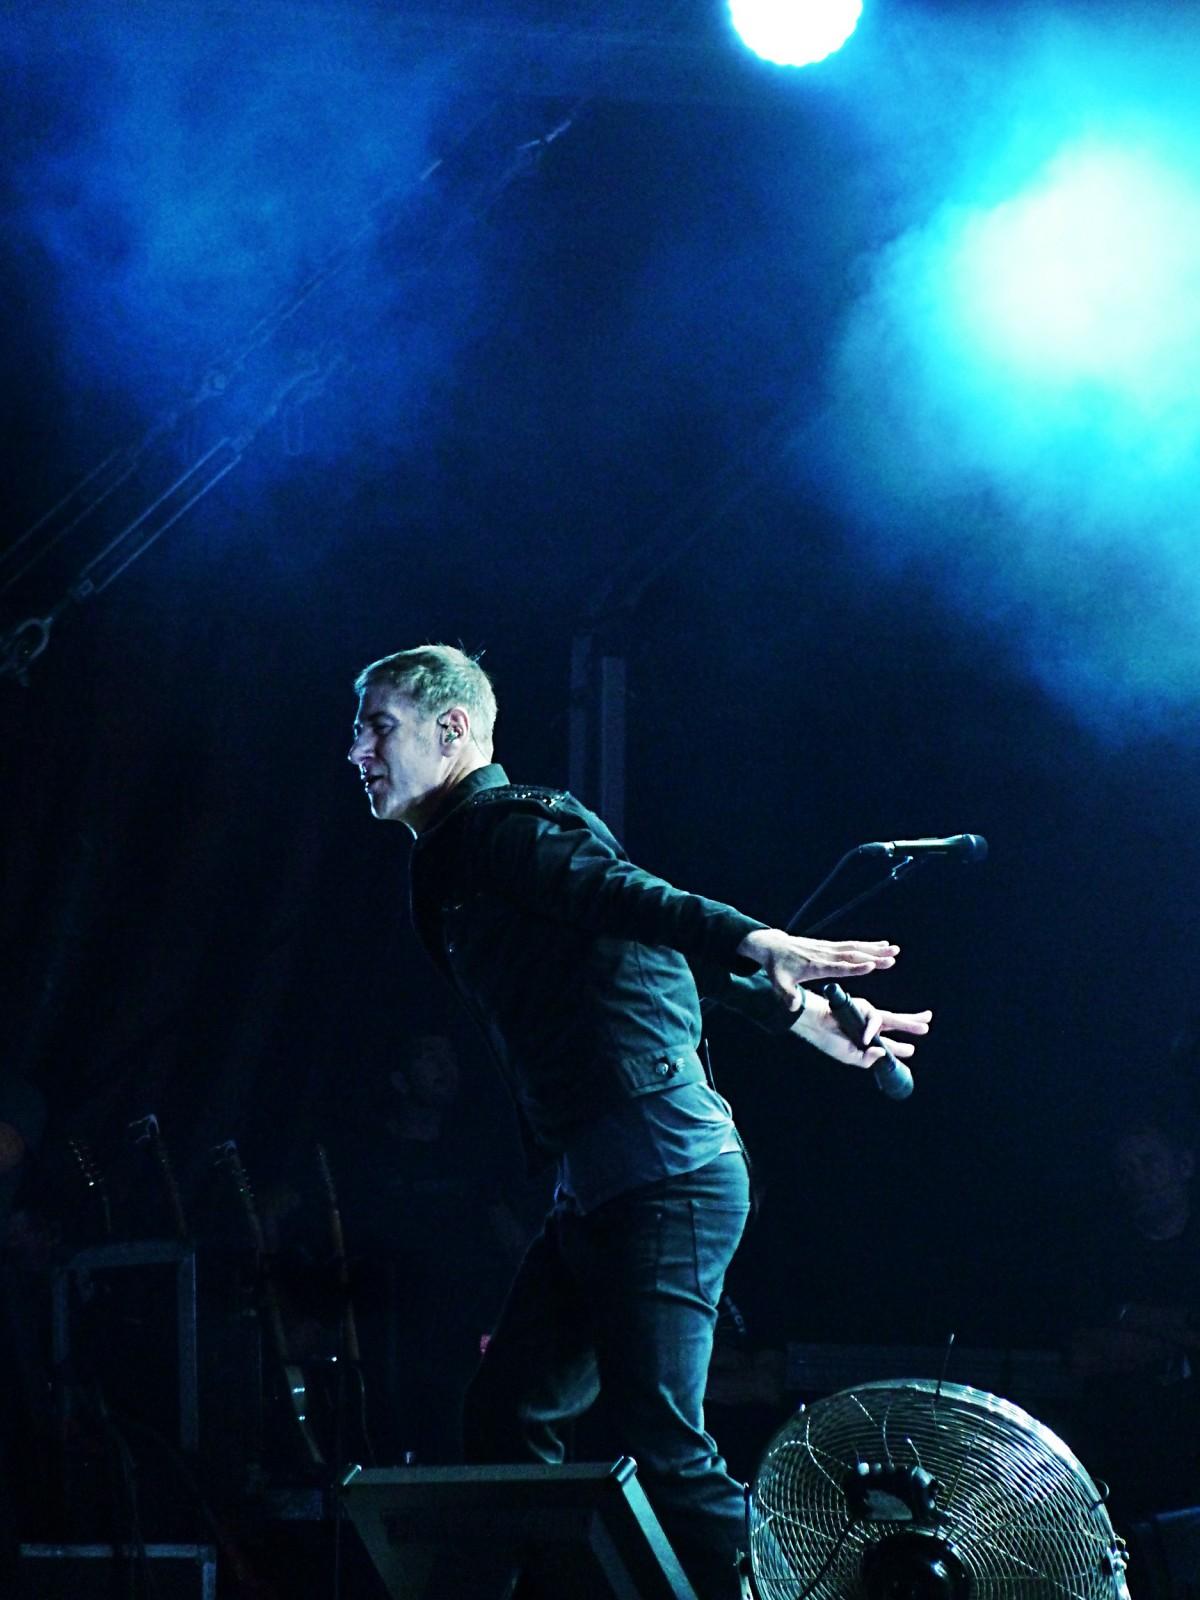 Etienne Daho concert Rock en Seine 2015 festival dernier live de la tournée musique photo de scène by united states of paris blog